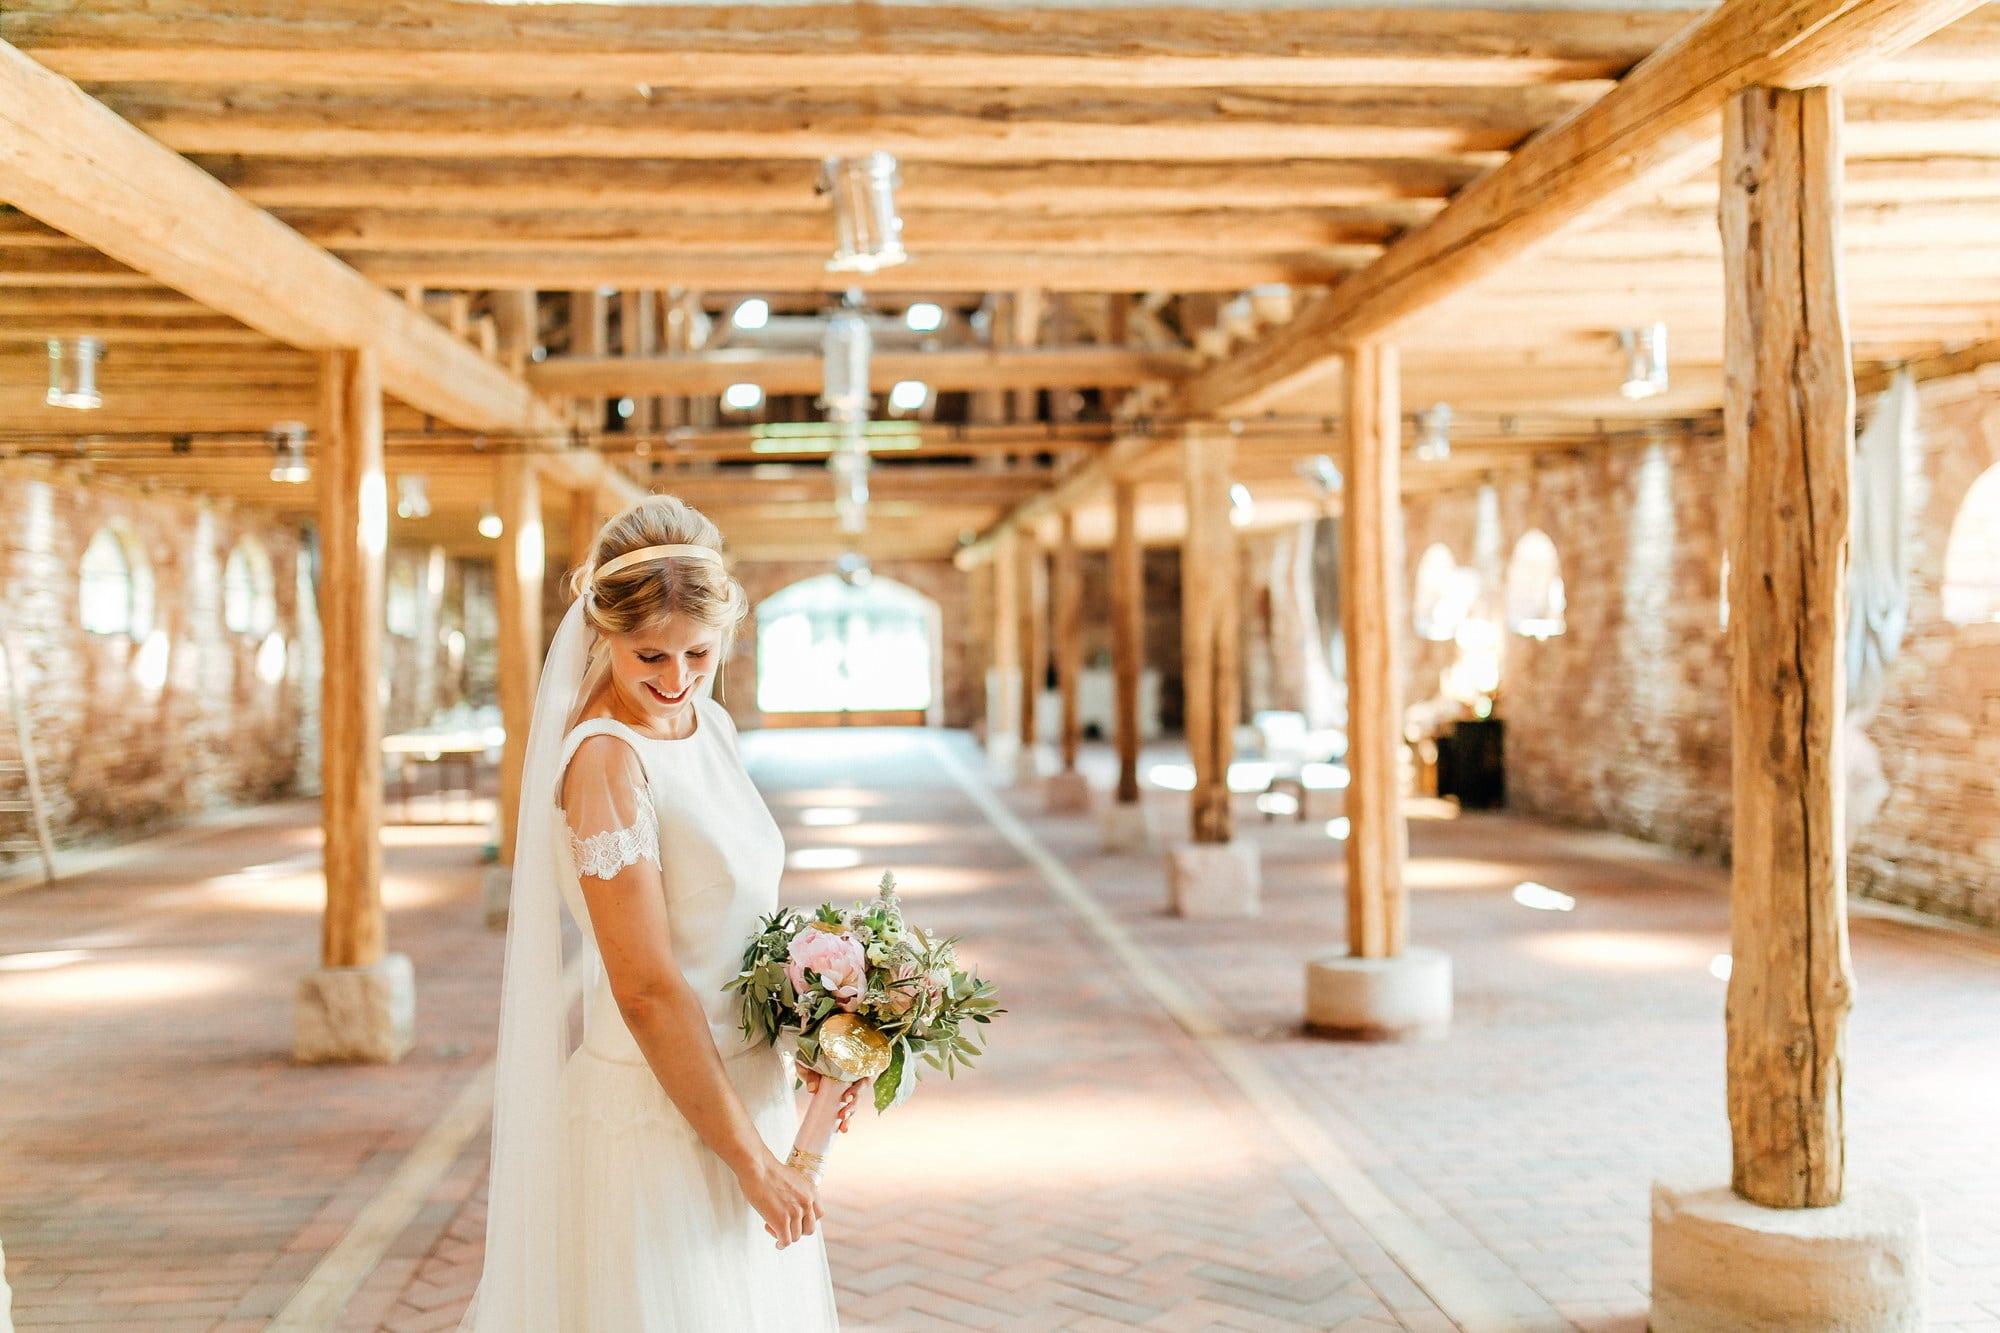 Holzbalken Braut Blumen Schleier lachen